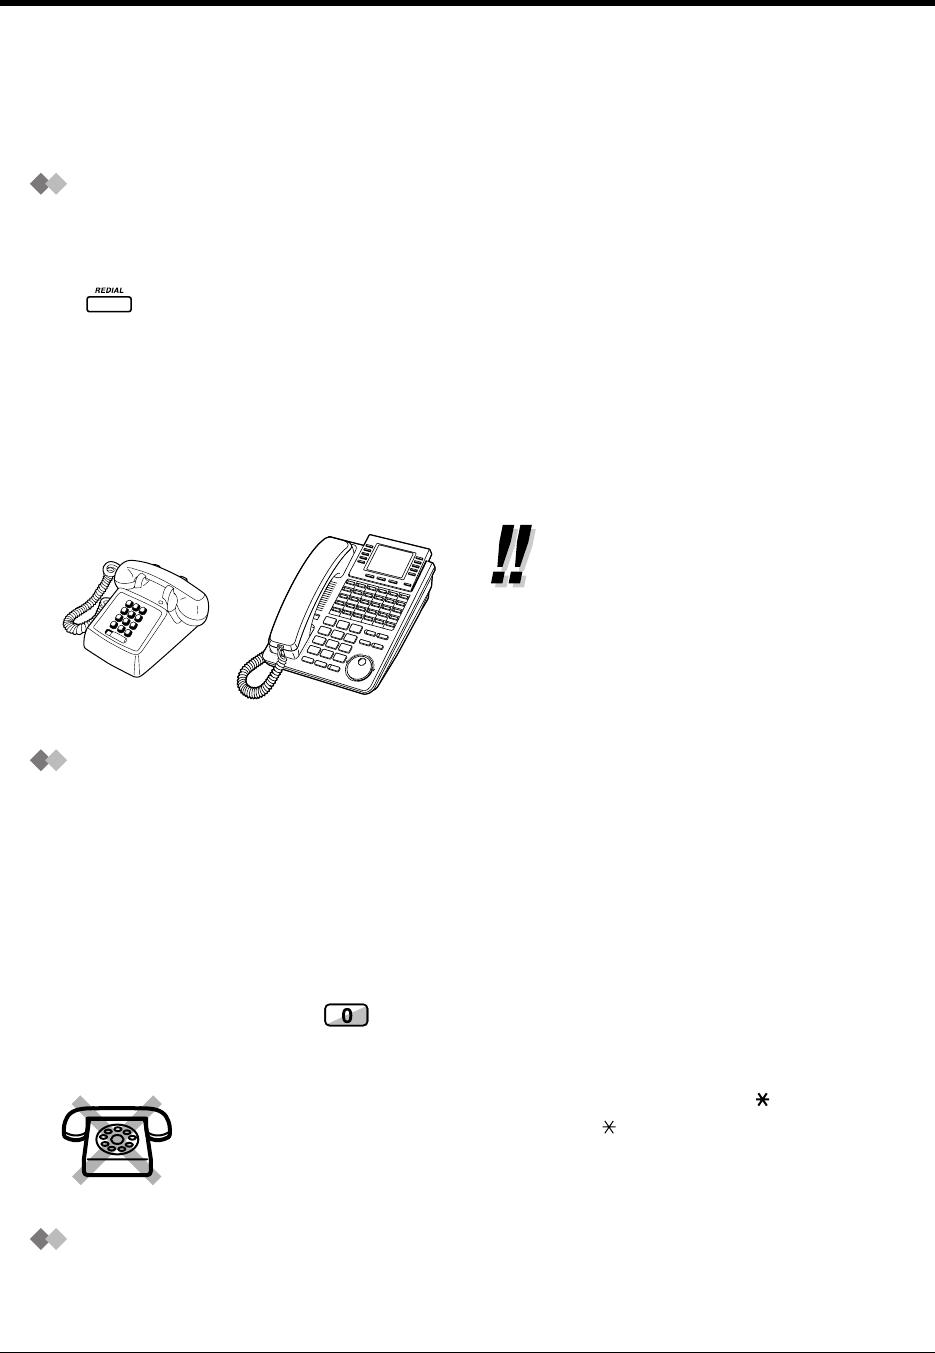 Panasonic KX TD816NZ '' TD1232NZ User Manual To The 98939c54 c929 ...